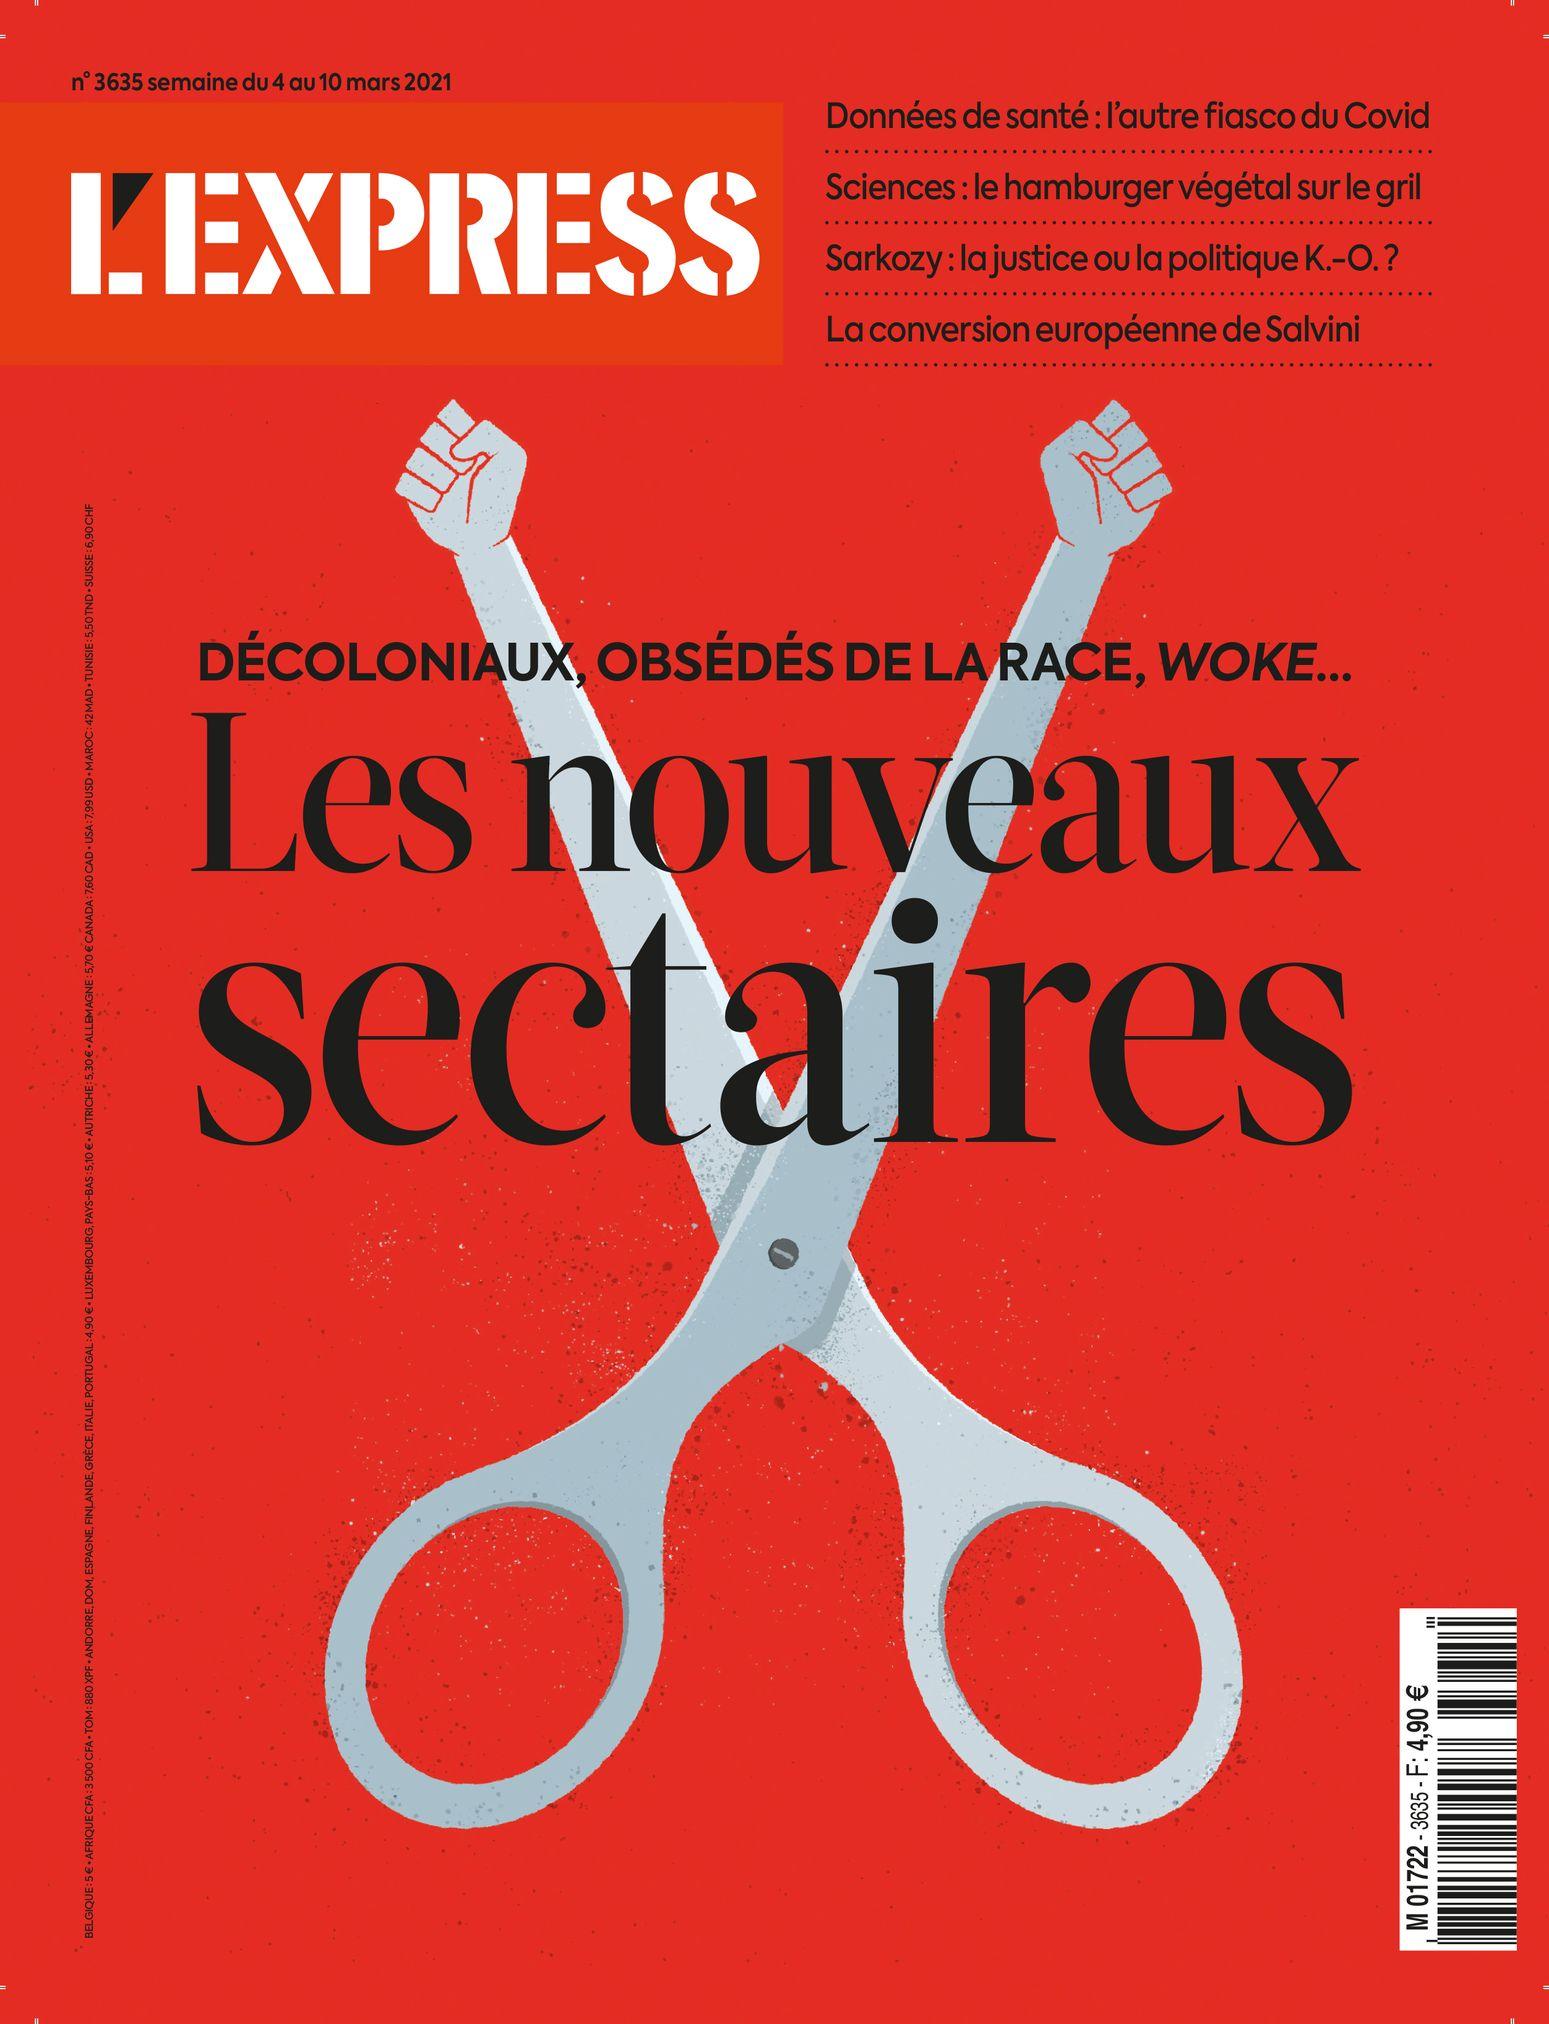 garance-illustration-LExpress-New-sectarians_web